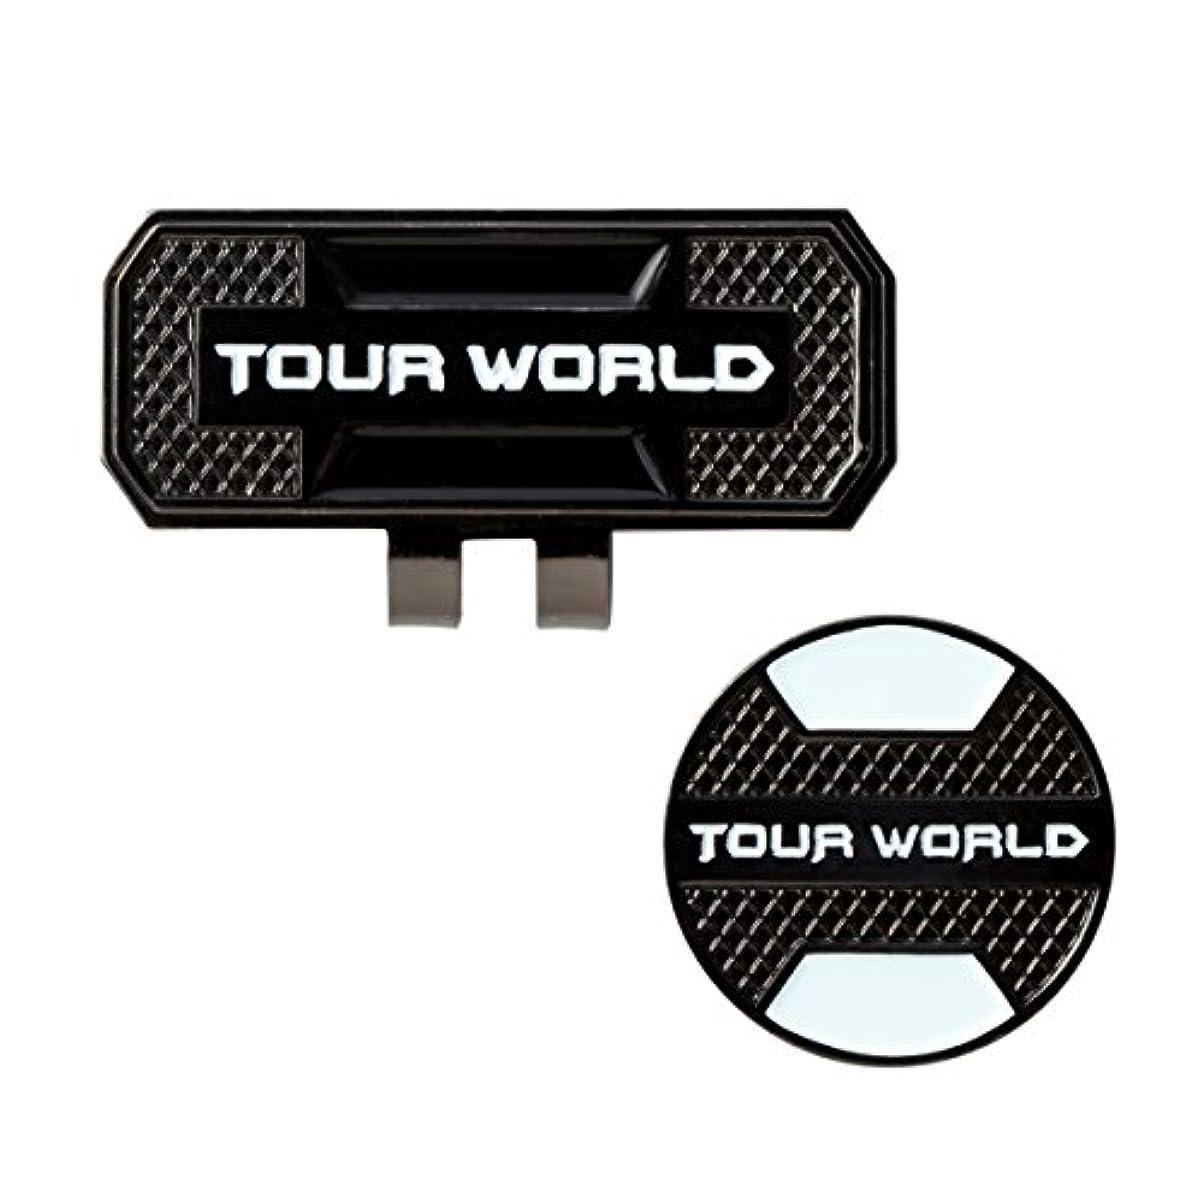 繁殖四分円ブラウズ本間ゴルフ グリーンマーカー TOUR WORLD クリップマーカー ブラック OG-1701 素材:マーカー(鉄)、クリップ(鉄)